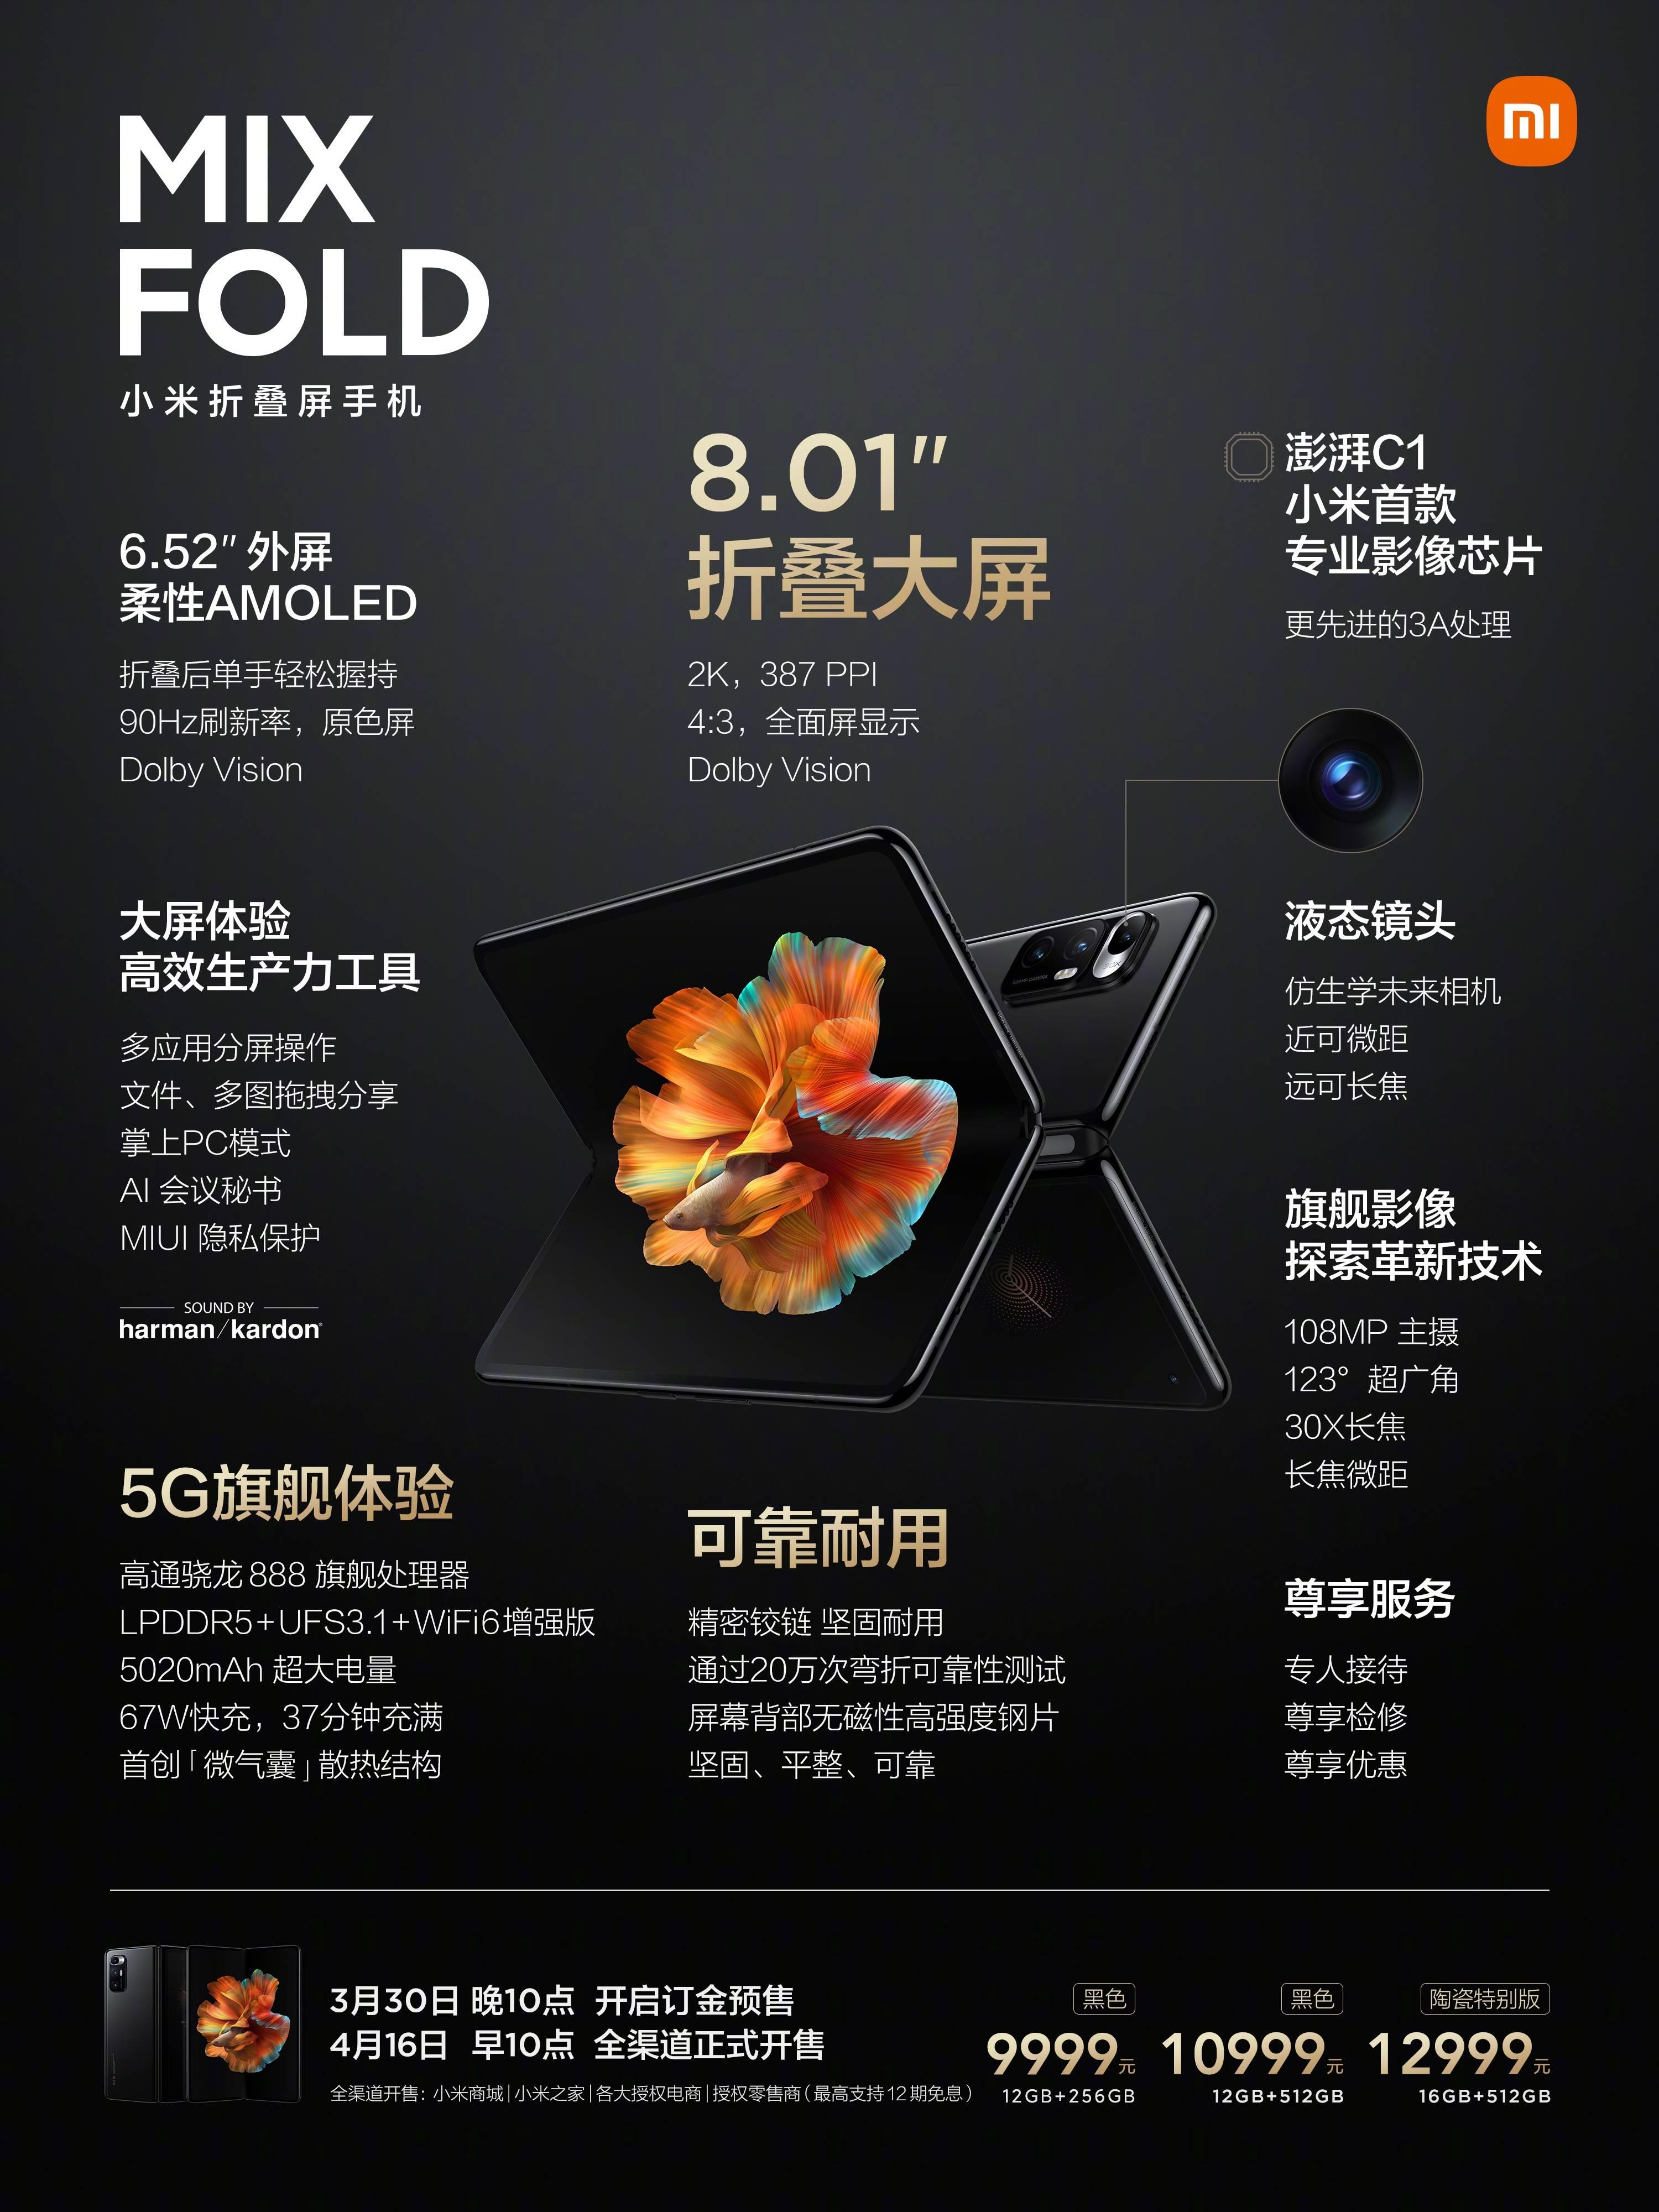 小米MIX FOLD正式发布:100万次极限折叠、9999元起的照片 - 12